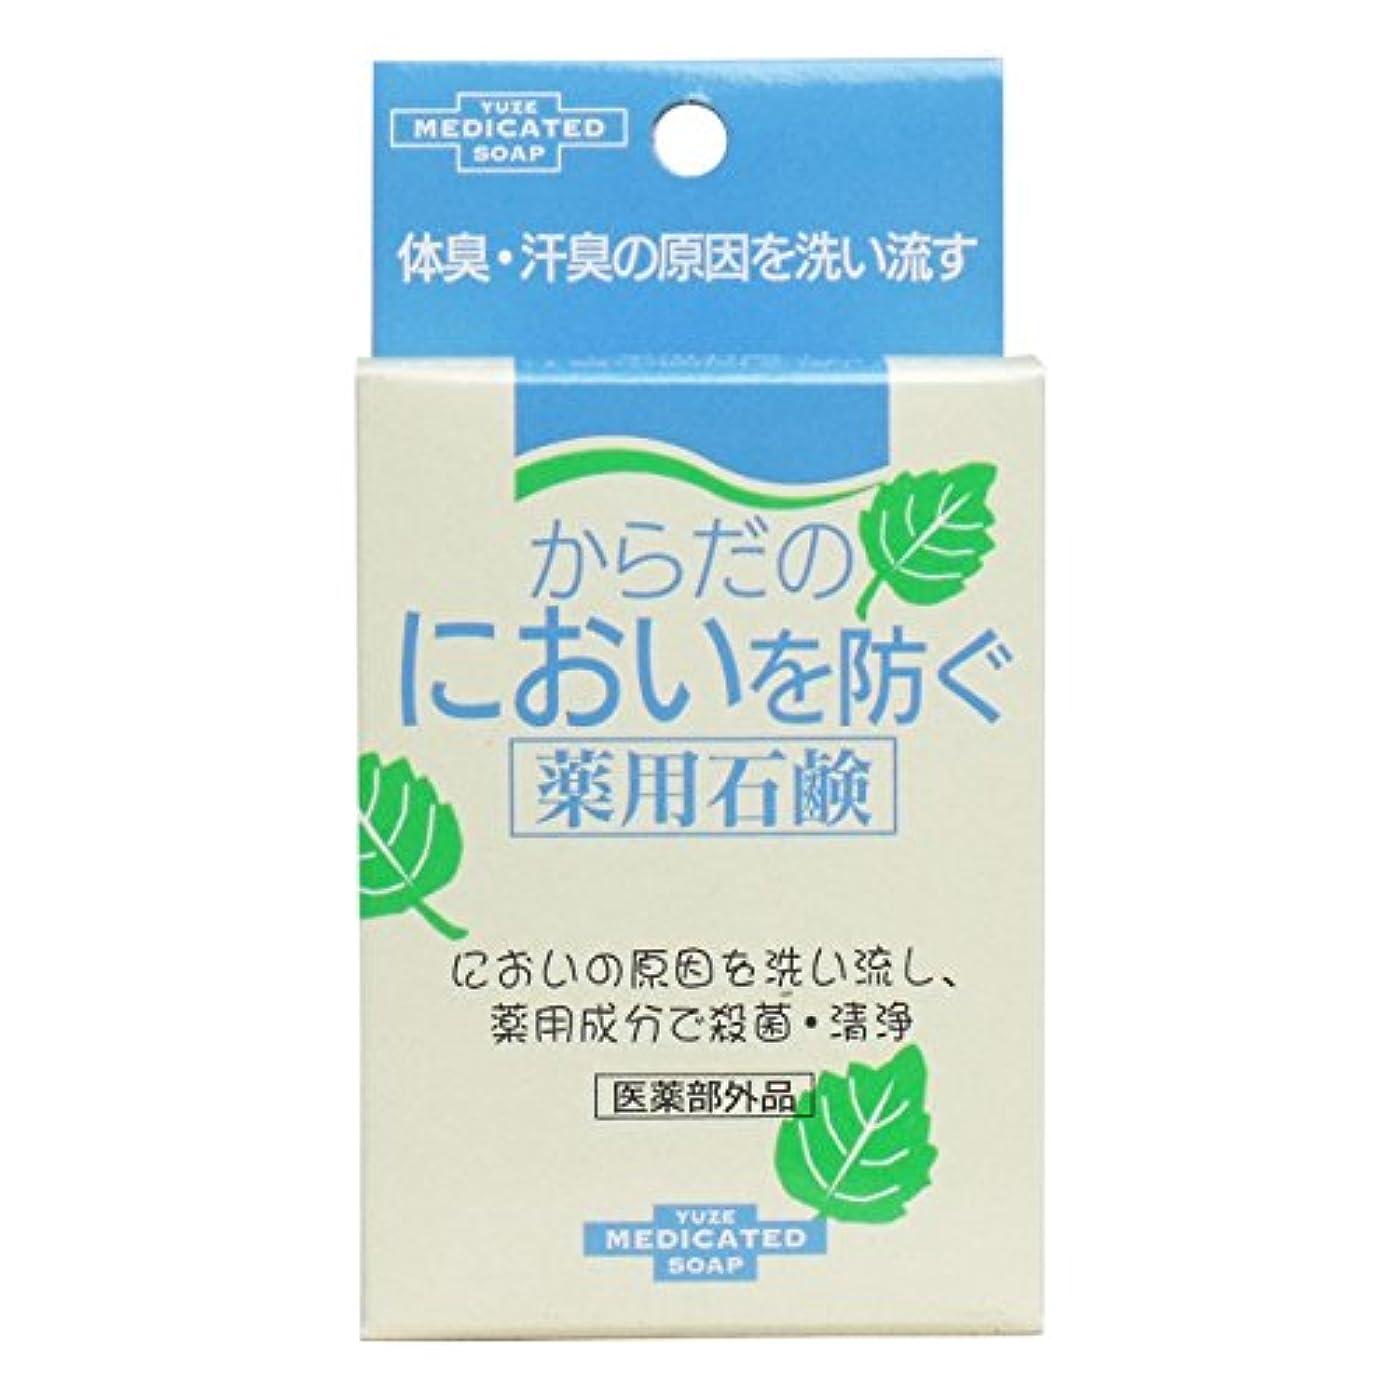 接続された幼児受信からだのにおいを防ぐ薬用石鹸 110g ユゼ